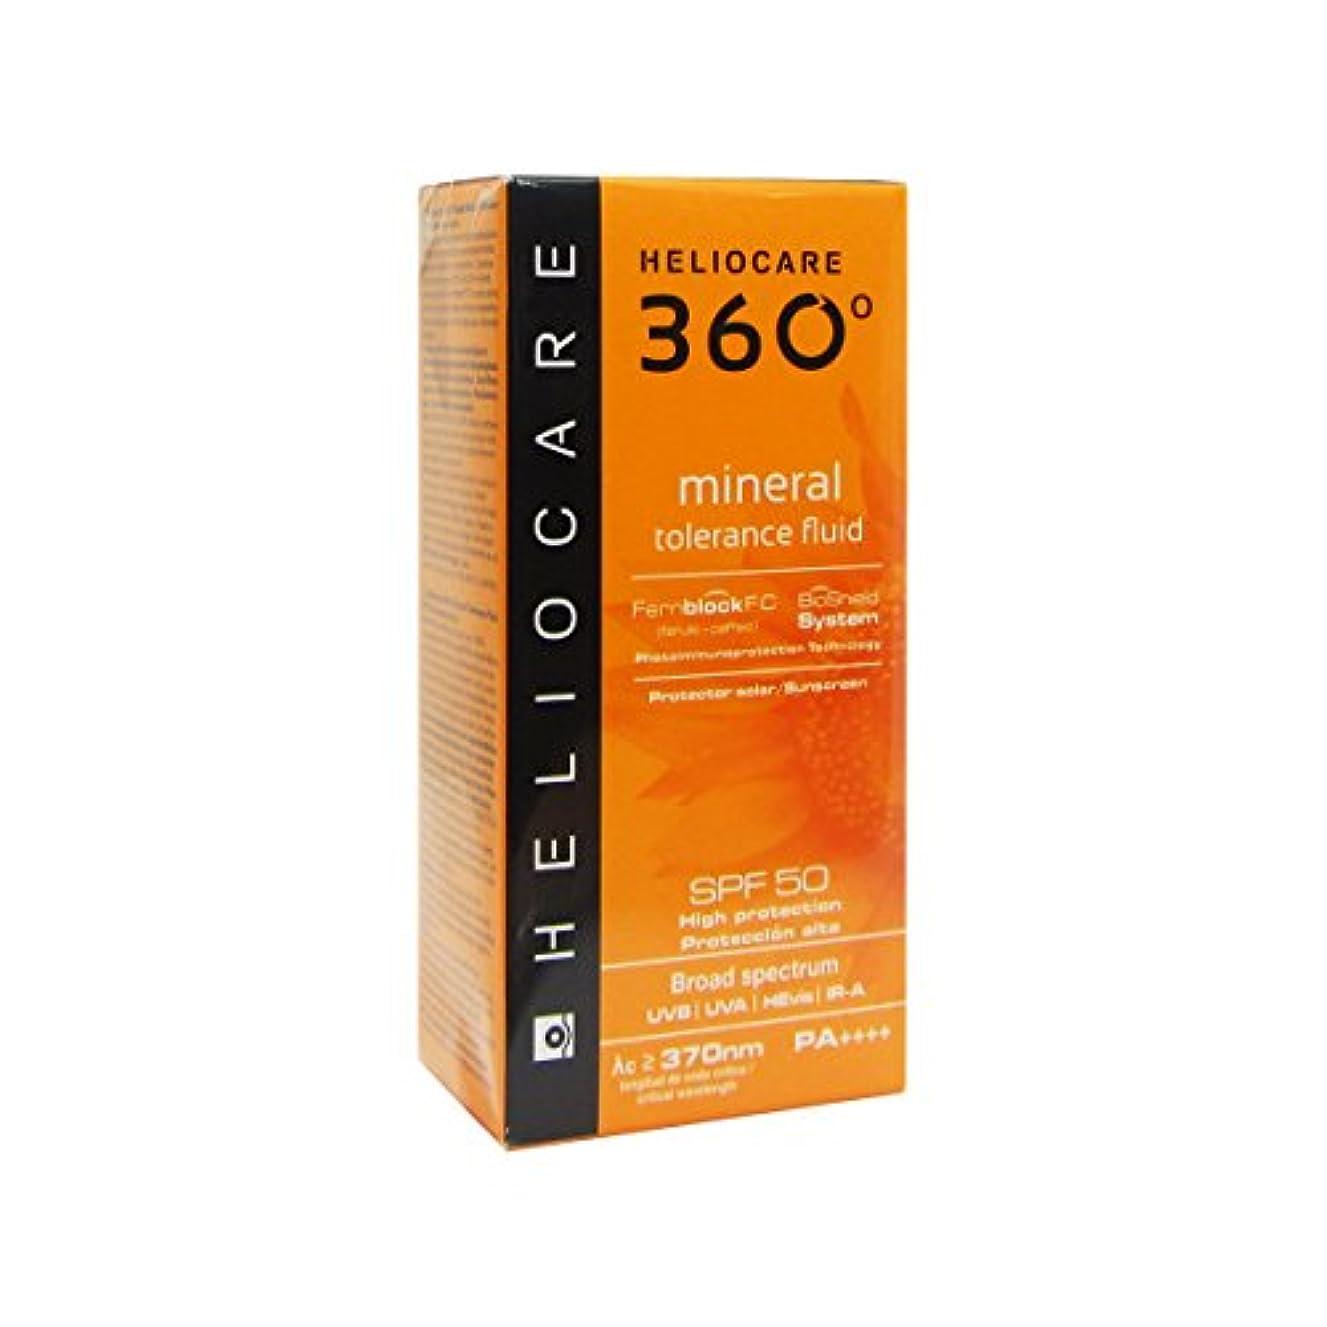 怖がらせる出力マーケティングHeliocare 360 Mineral Tolerance Fluid Spf50 50ml [並行輸入品]